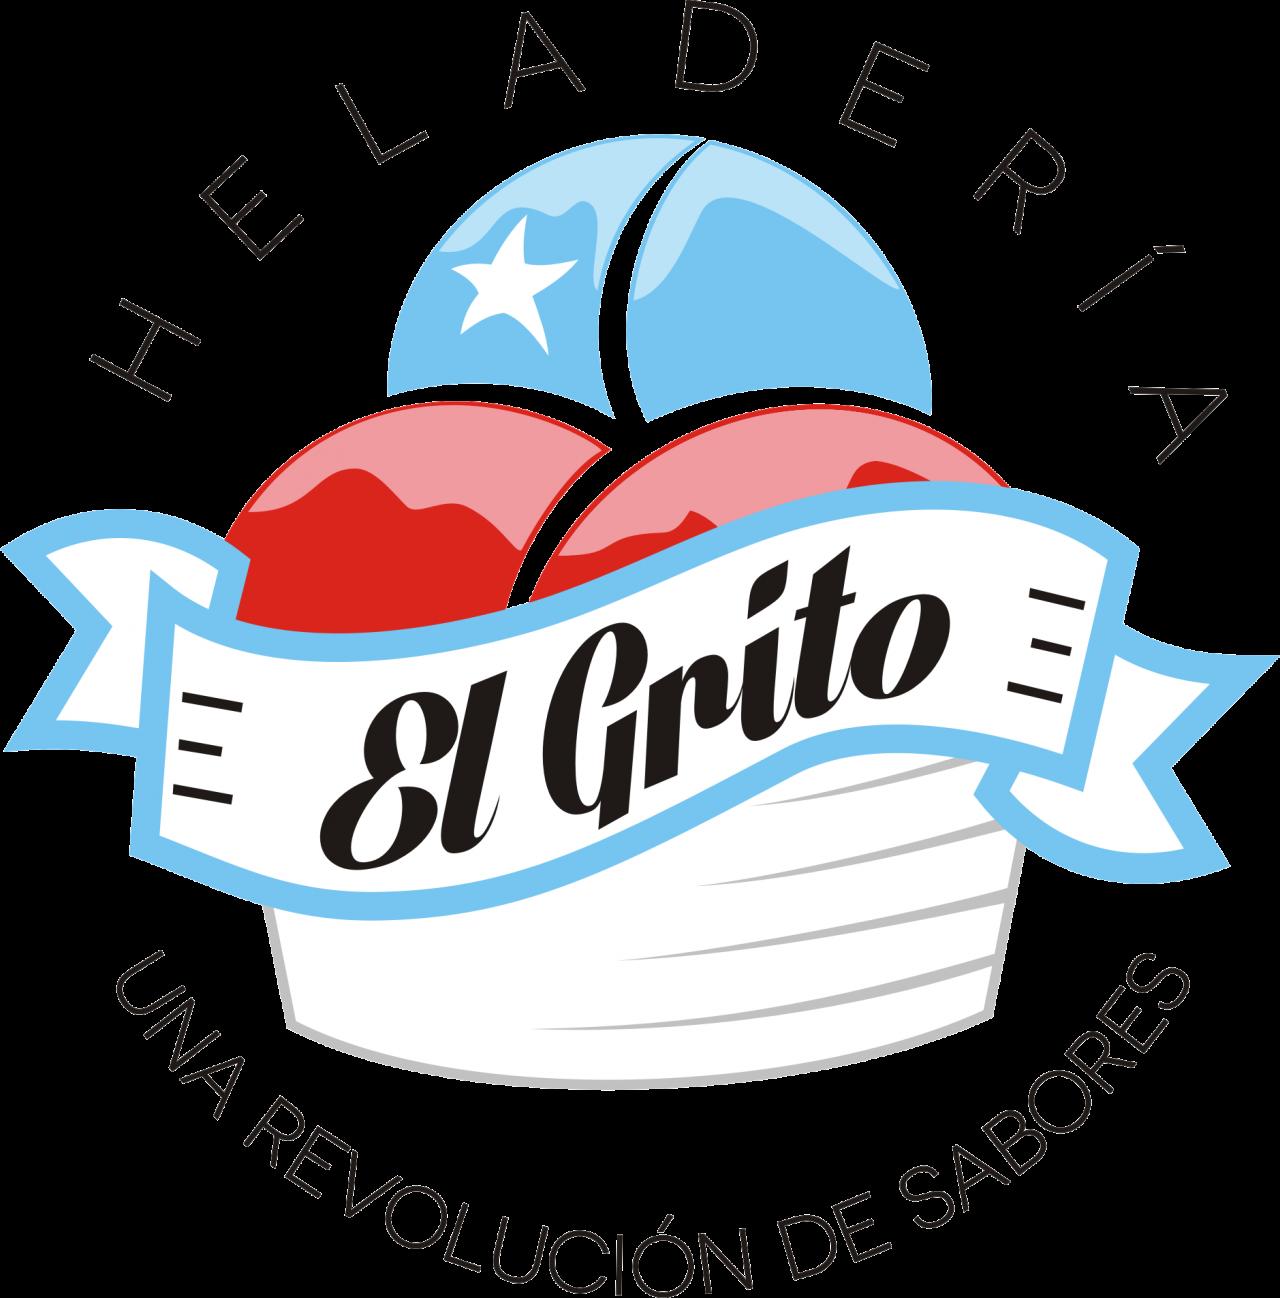 Logo Heladeria El Grito Final